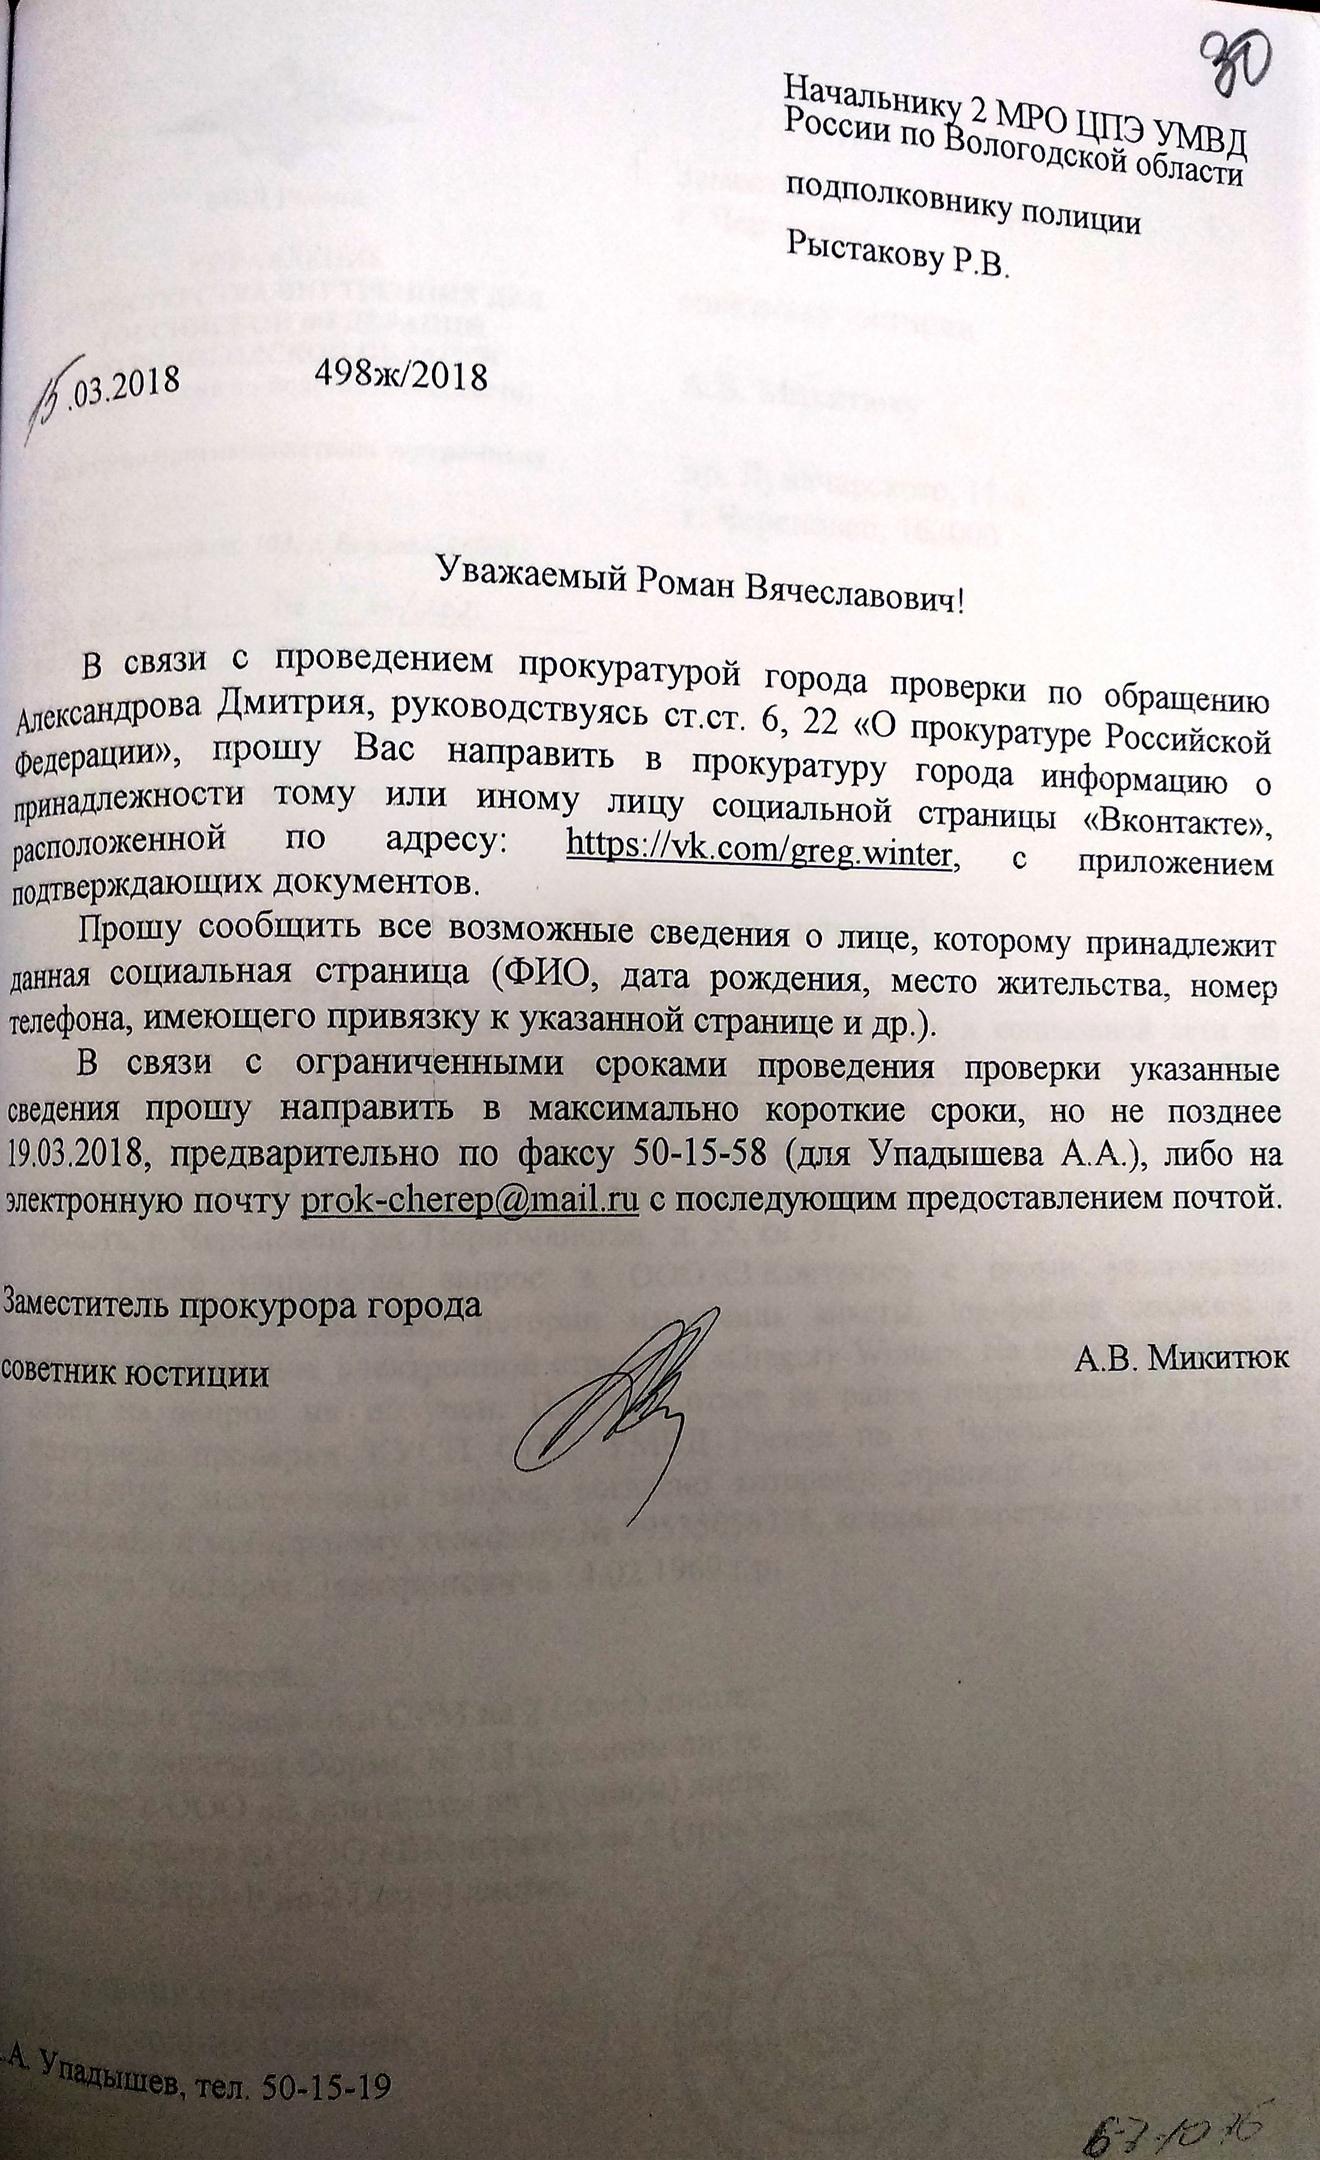 Личную страницу череповчанина ВКонтакте пытались признать запрещенной из-за маленького шеврона на фото